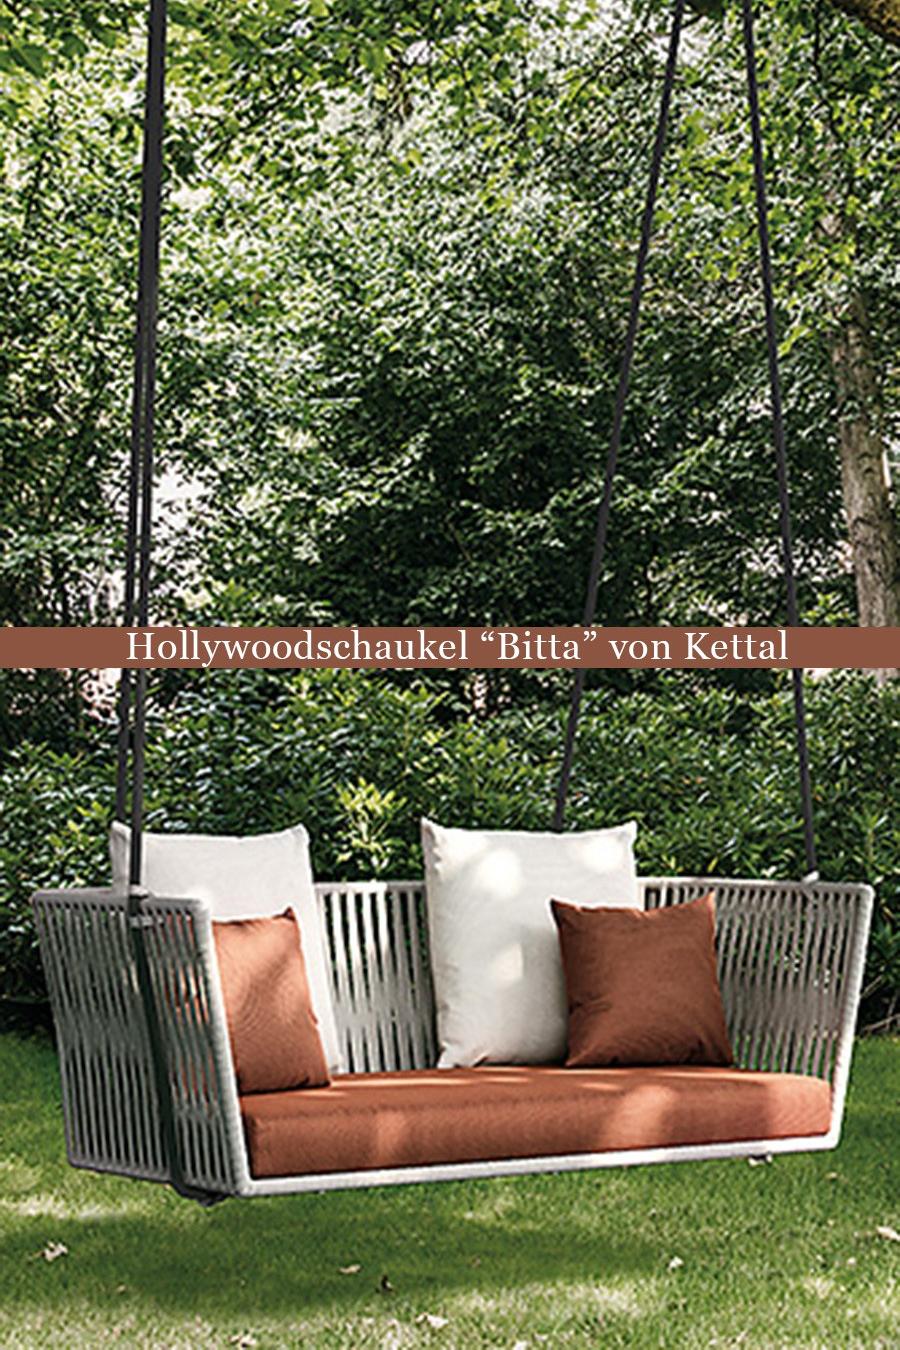 Full Size of Hollywoodschaukel Bitta Von Kettal Bild 2 Schaukel Garten Wohnzimmer Gartenschaukel Erwachsene